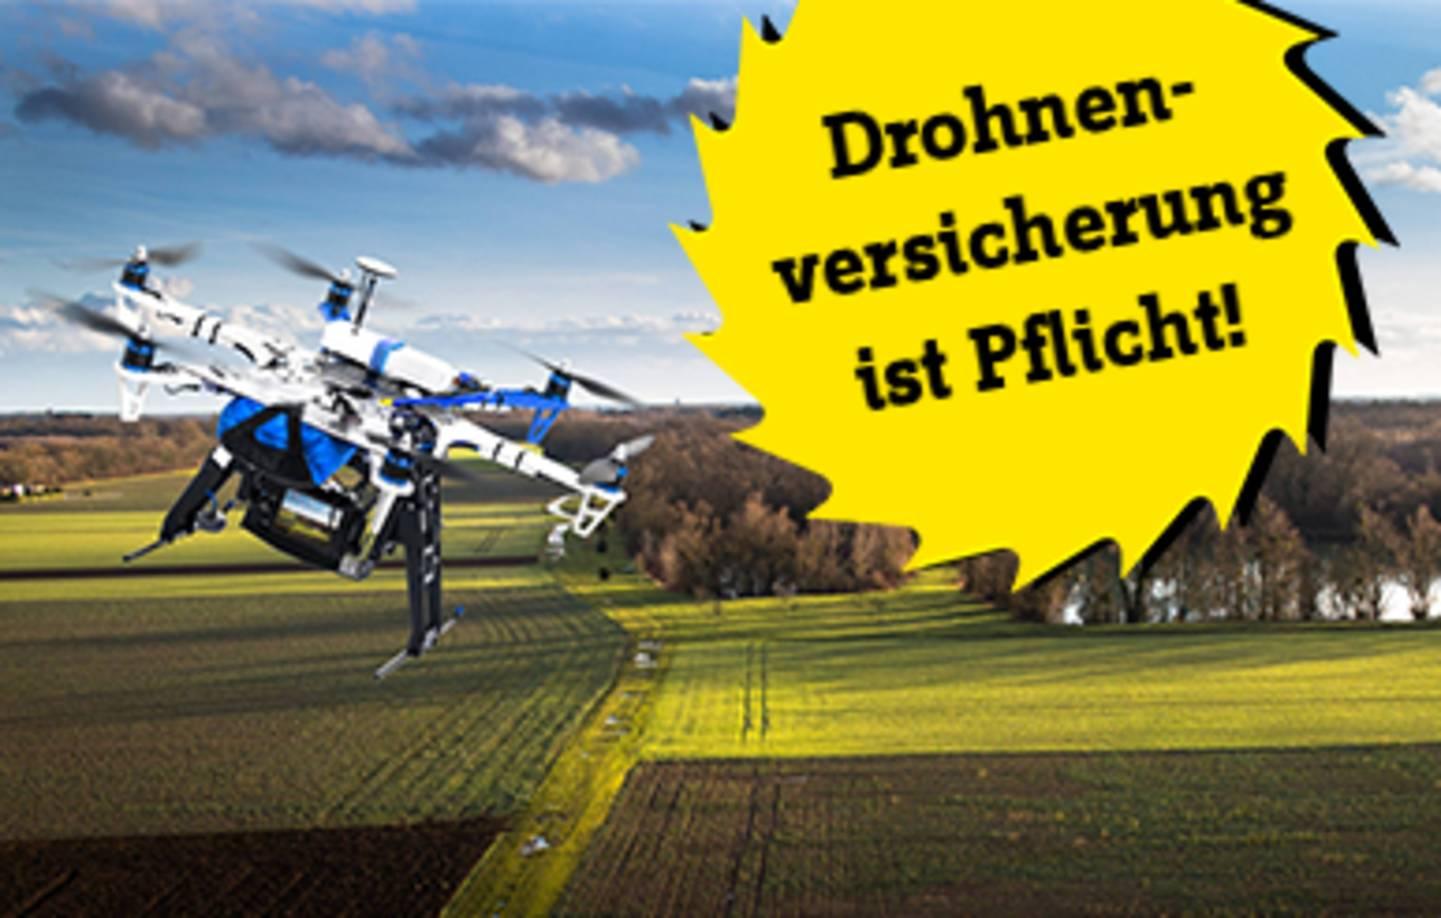 Drohnen-Versicherung